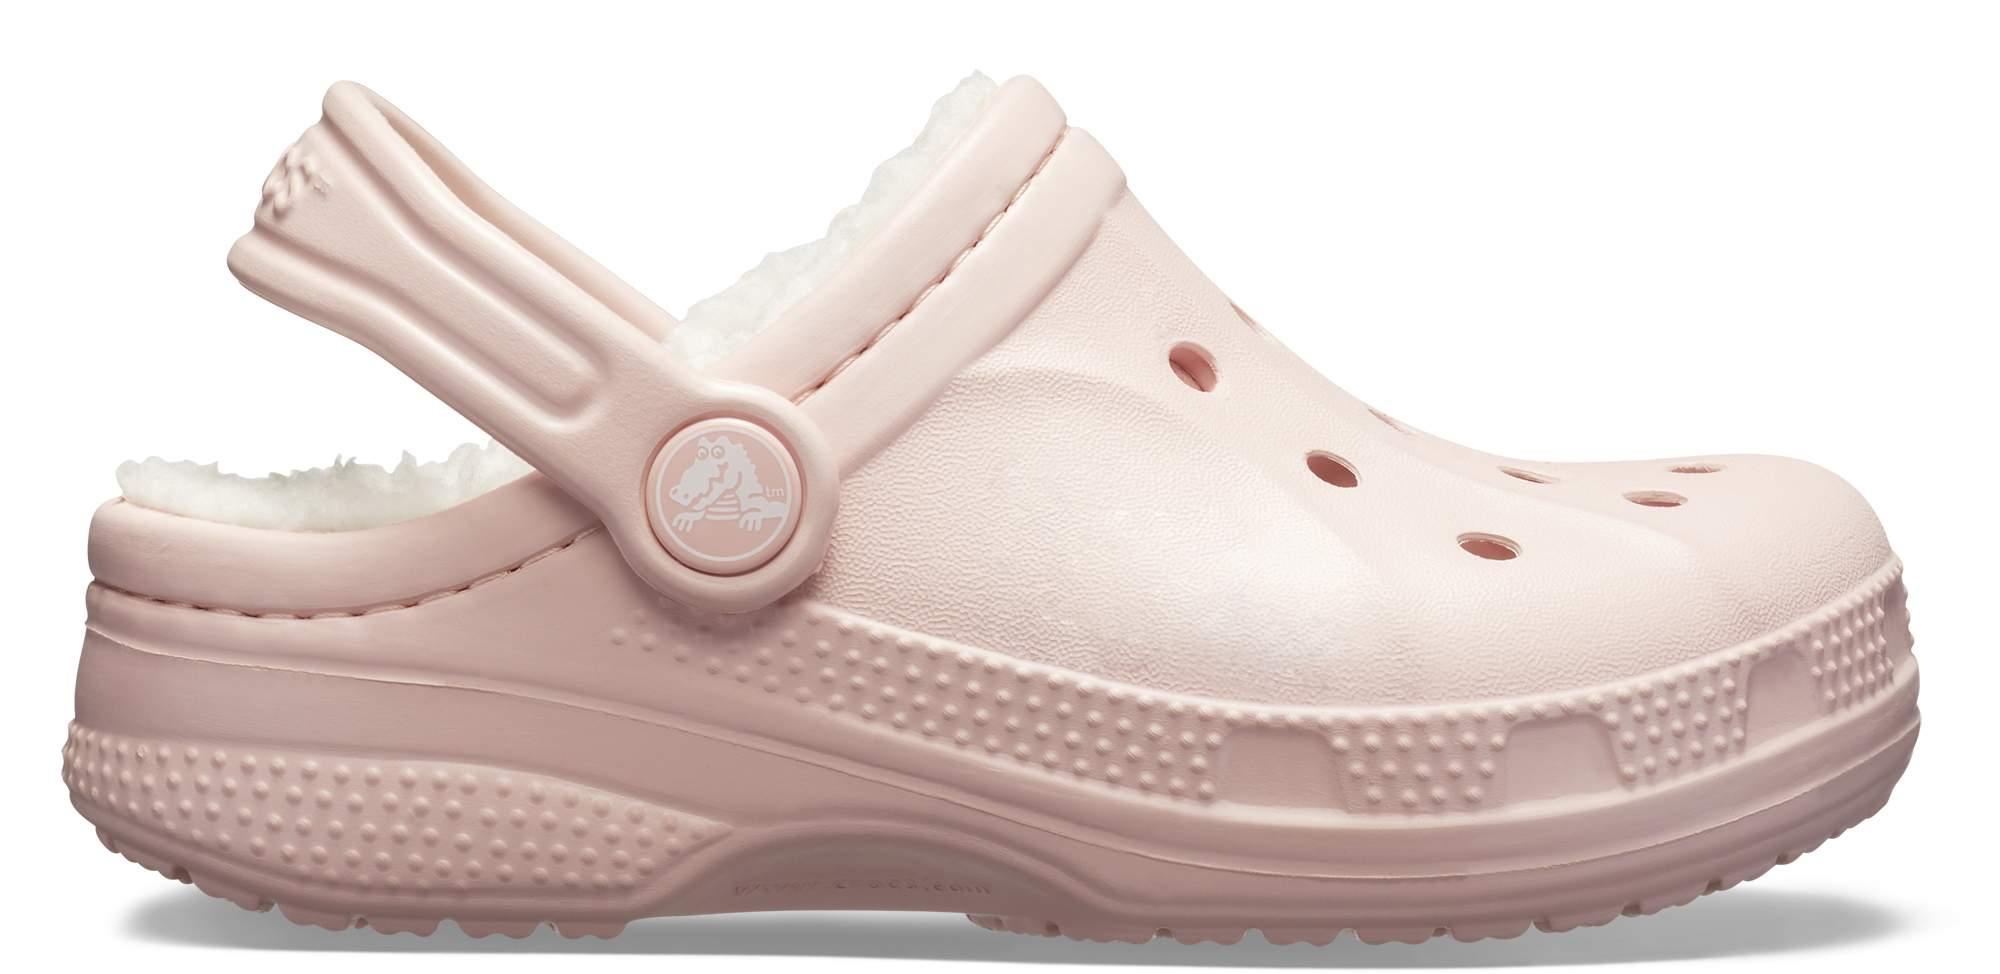 Ralen Lined Clog Crocs